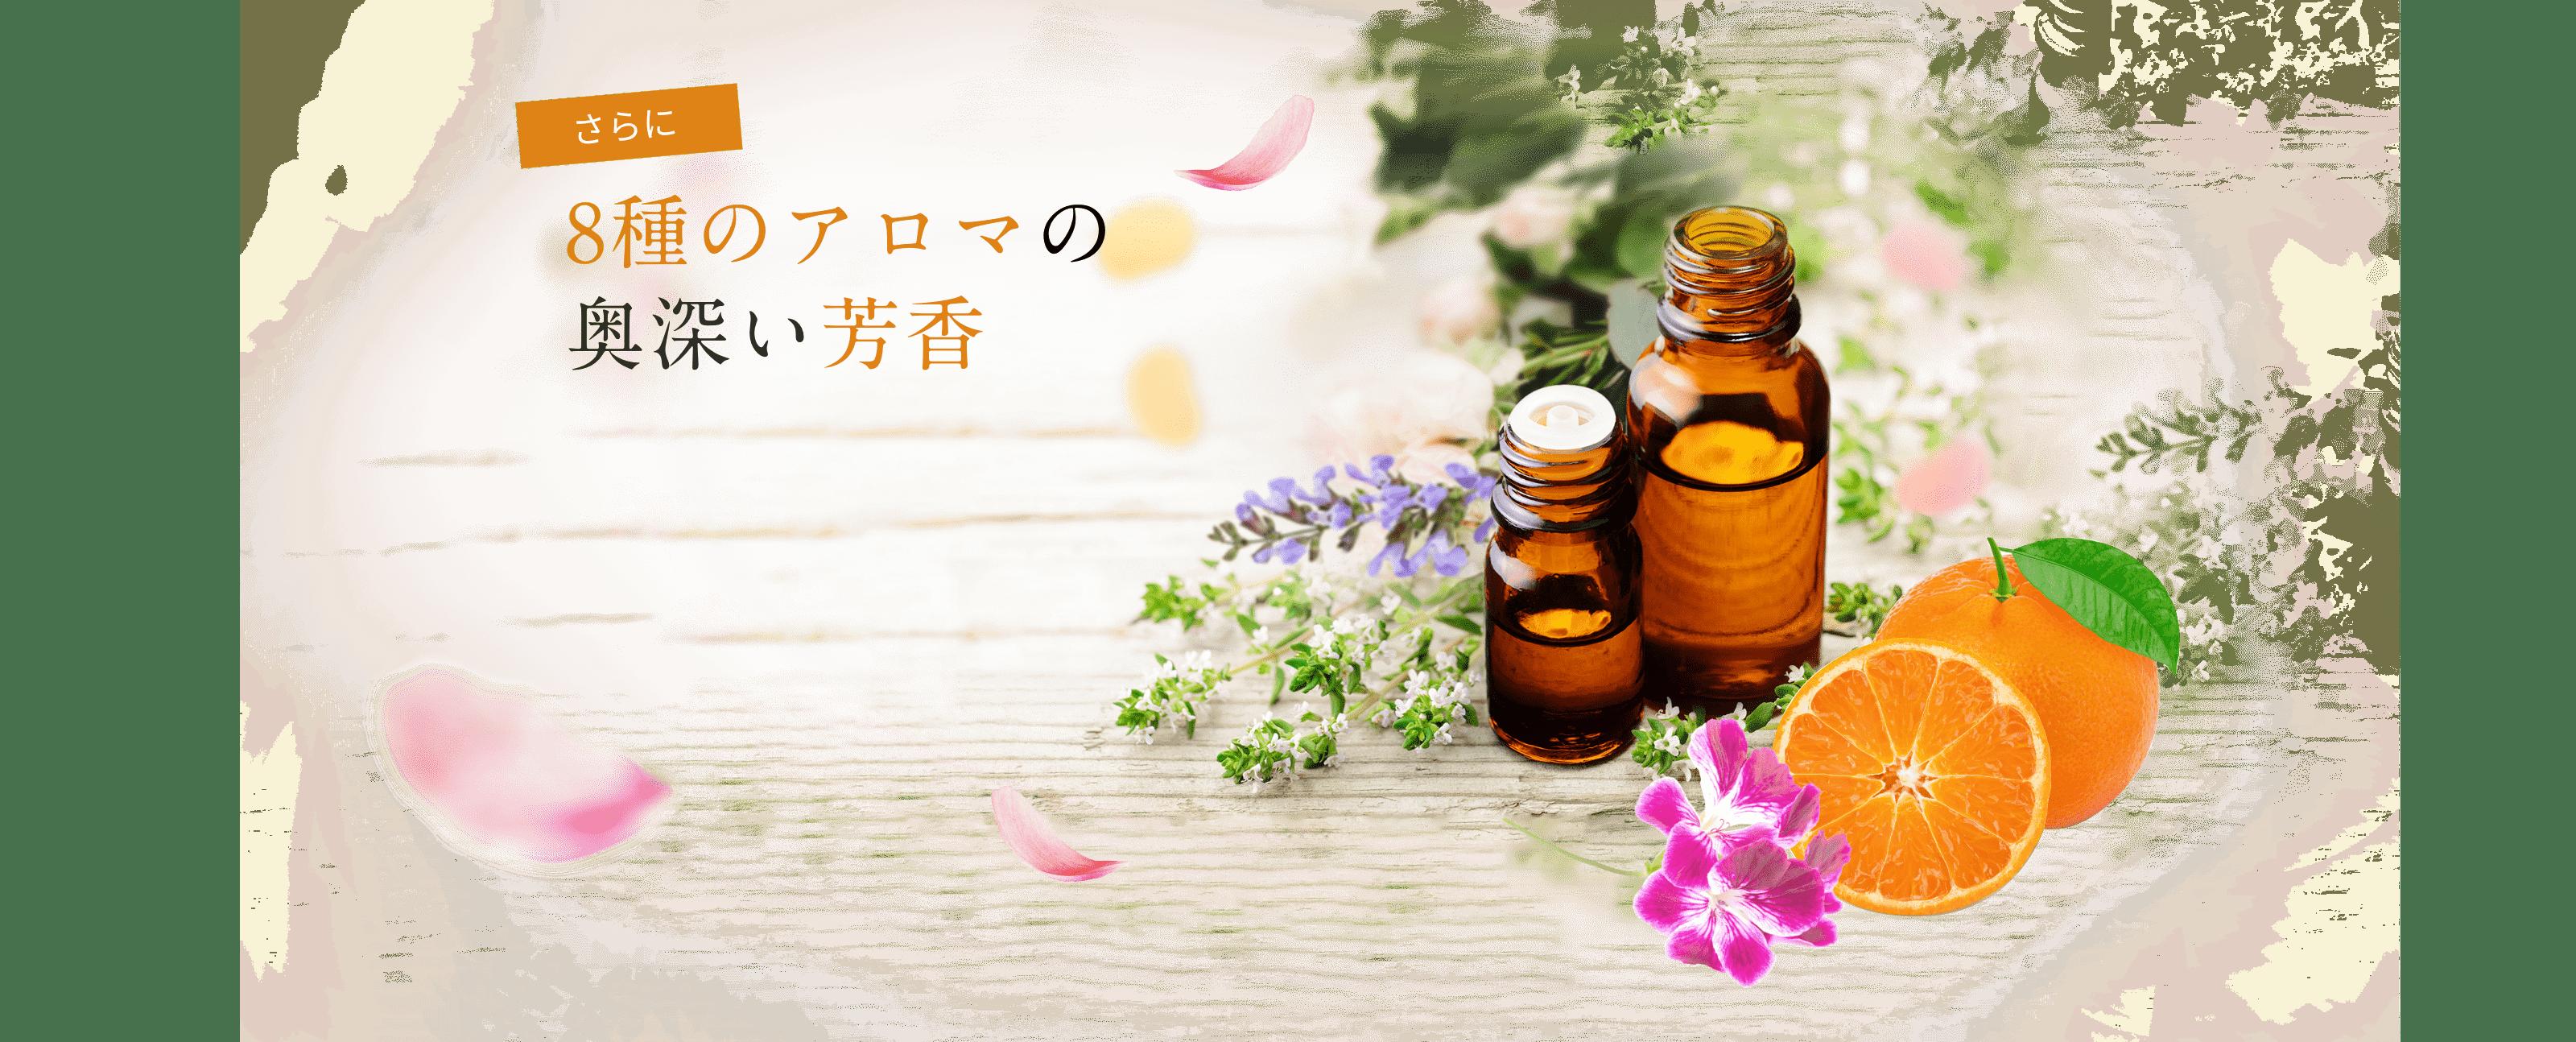 さらに8種のアロマの奥深い芳香